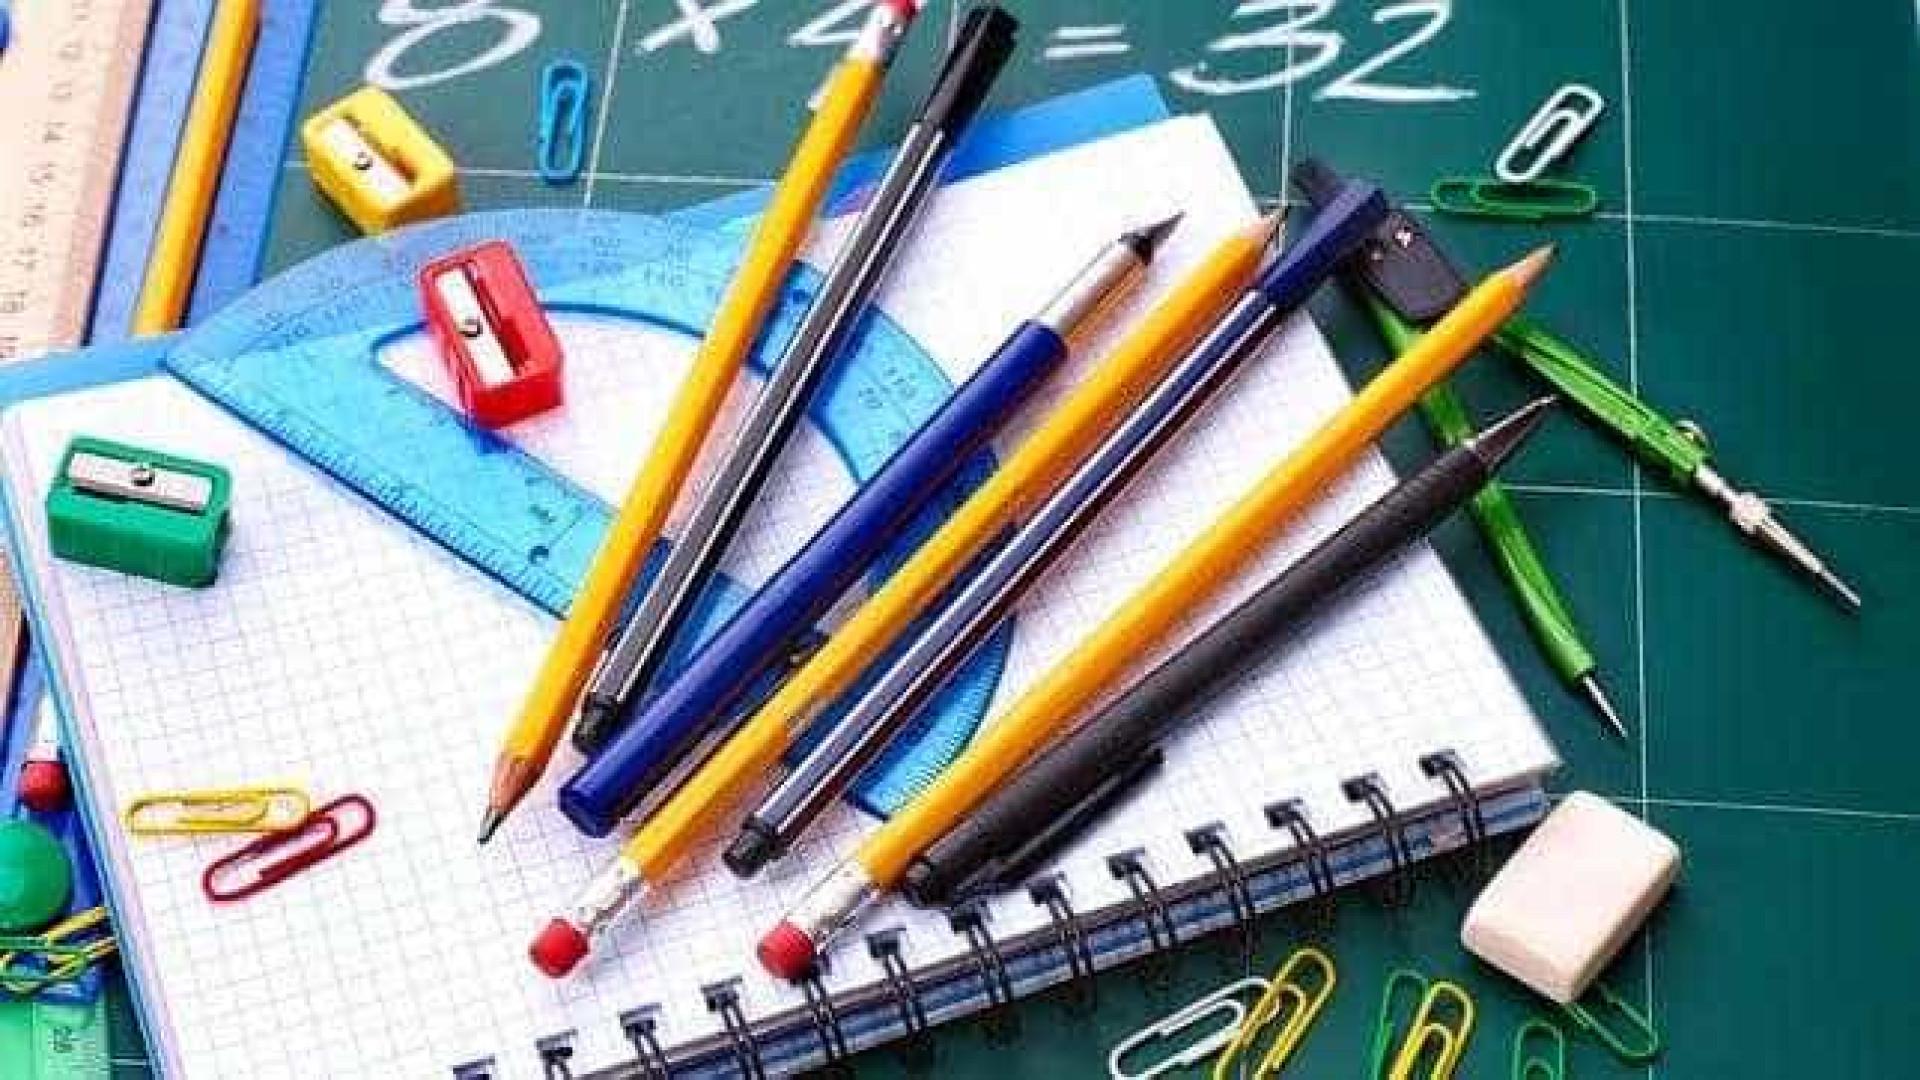 Inmetro dá dicas de segurança na compra de material escolar